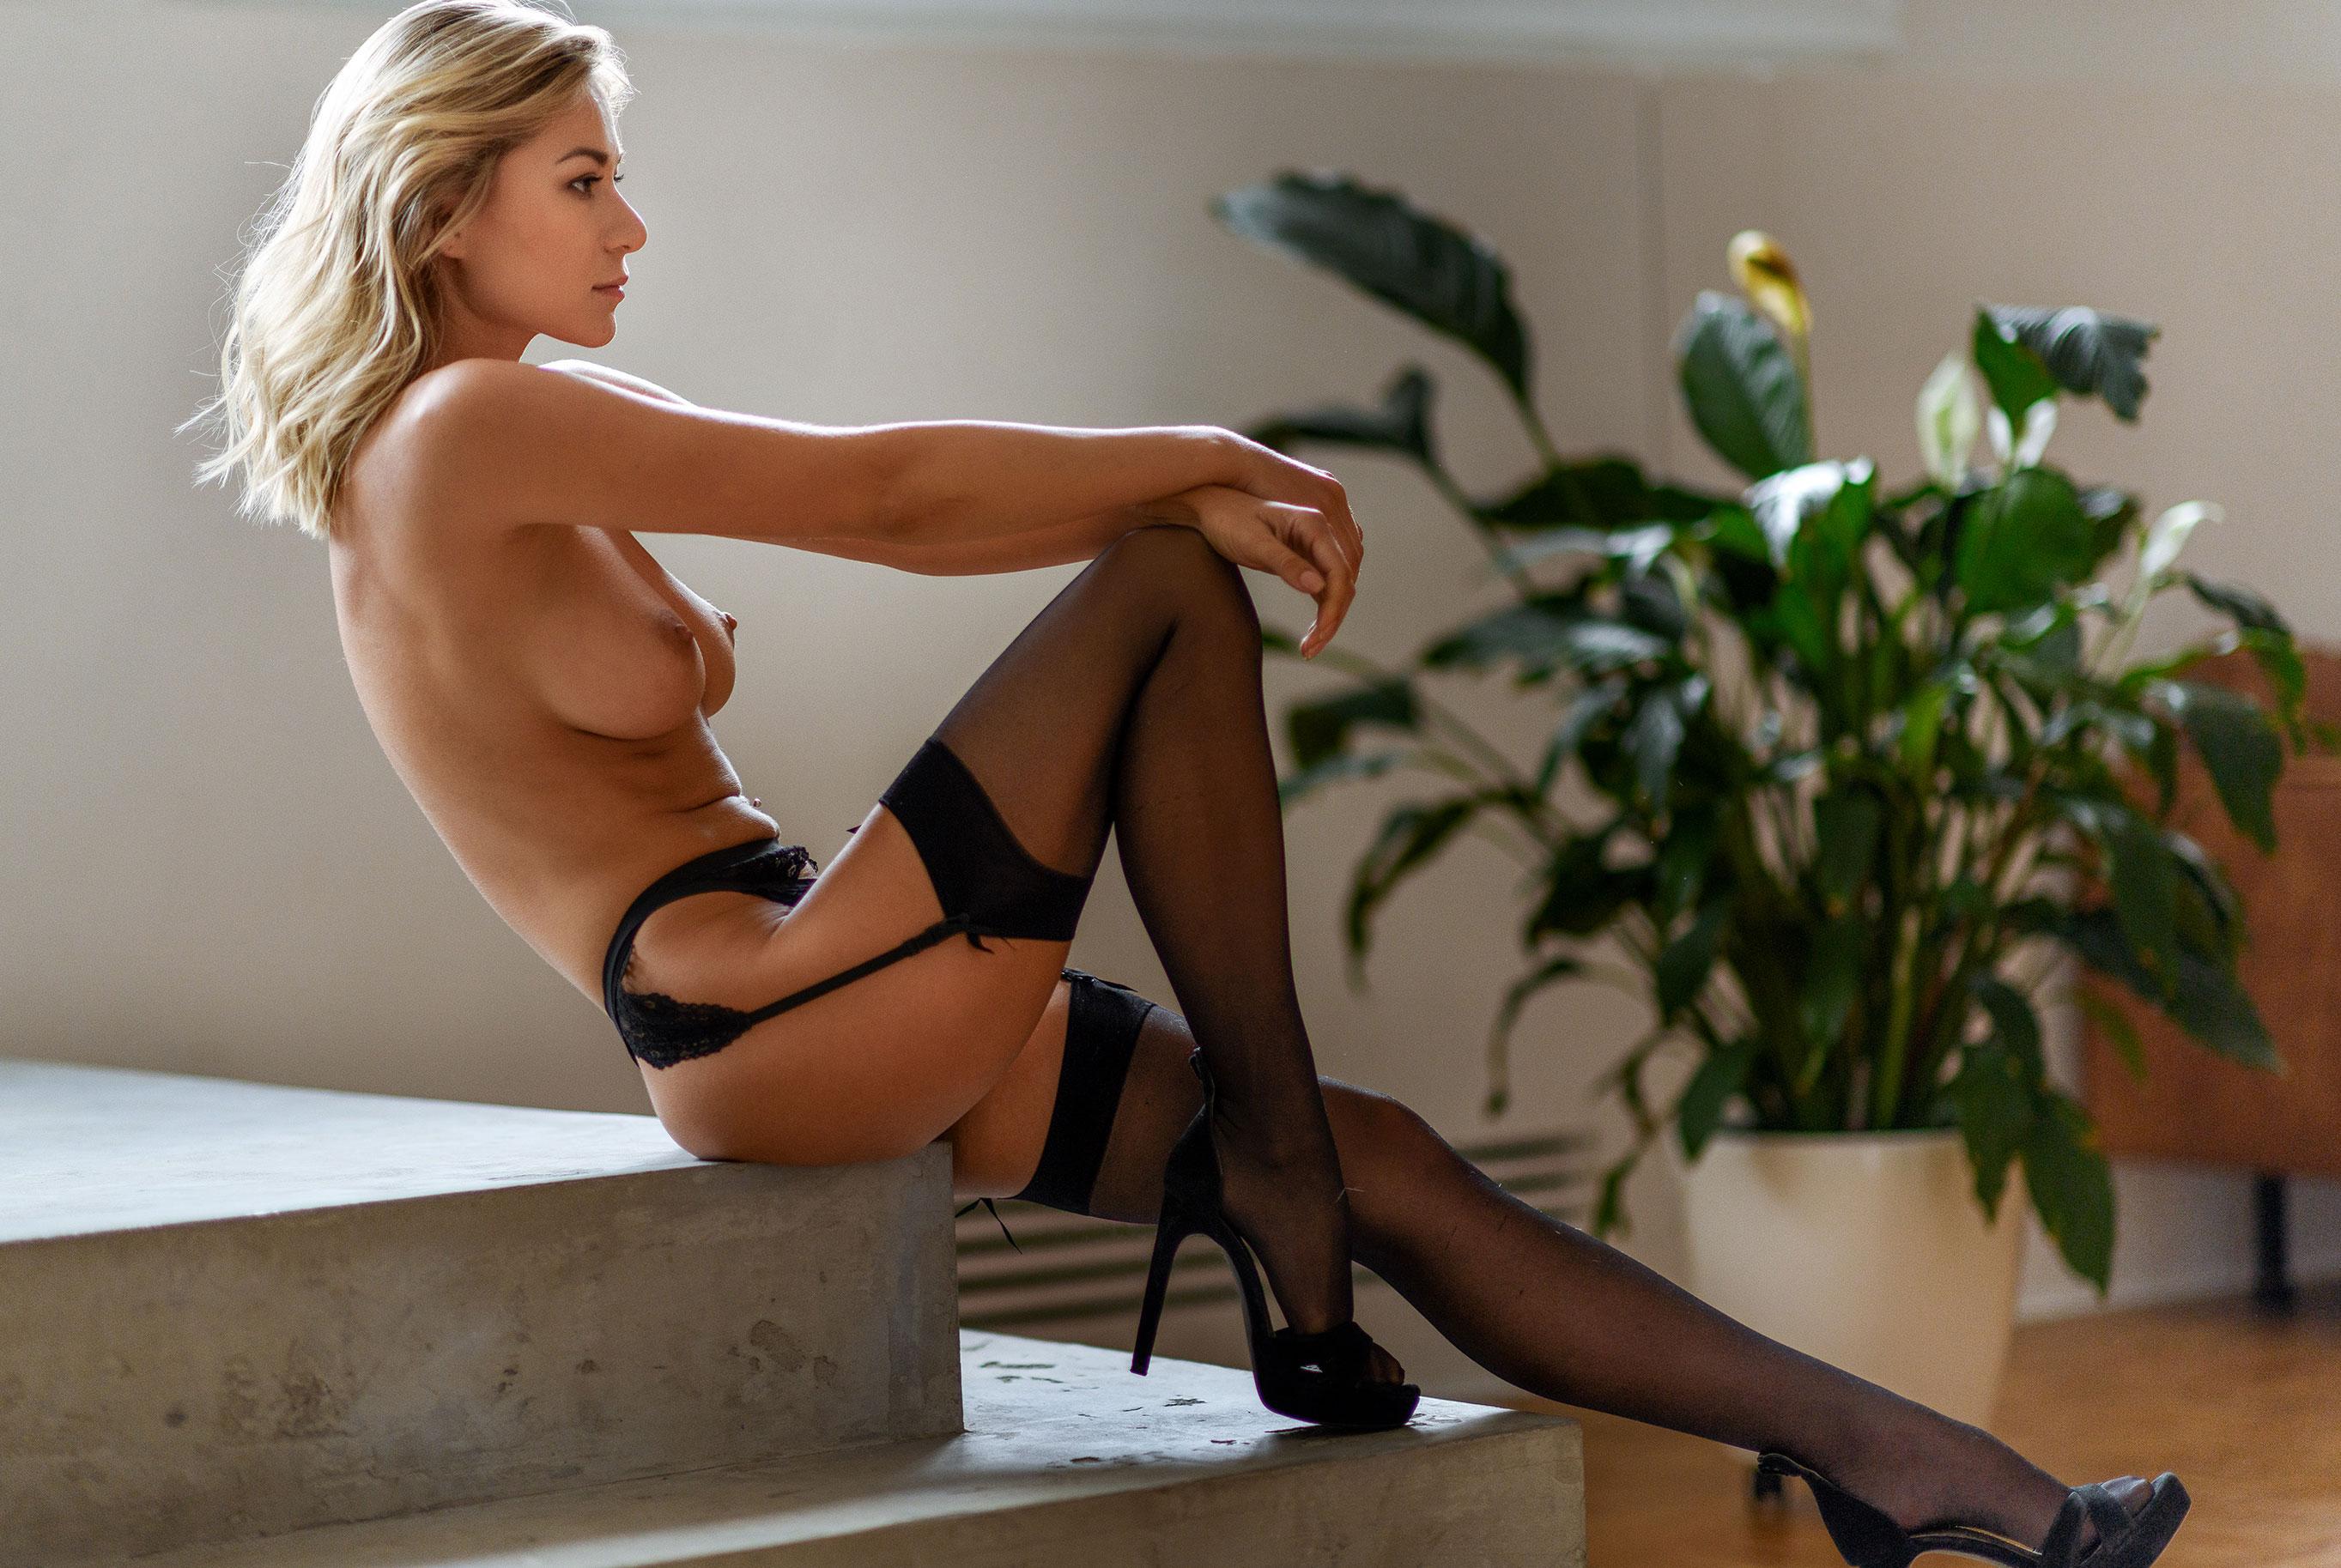 Дарья Литвин в сексуальных черных чулках / фото 11